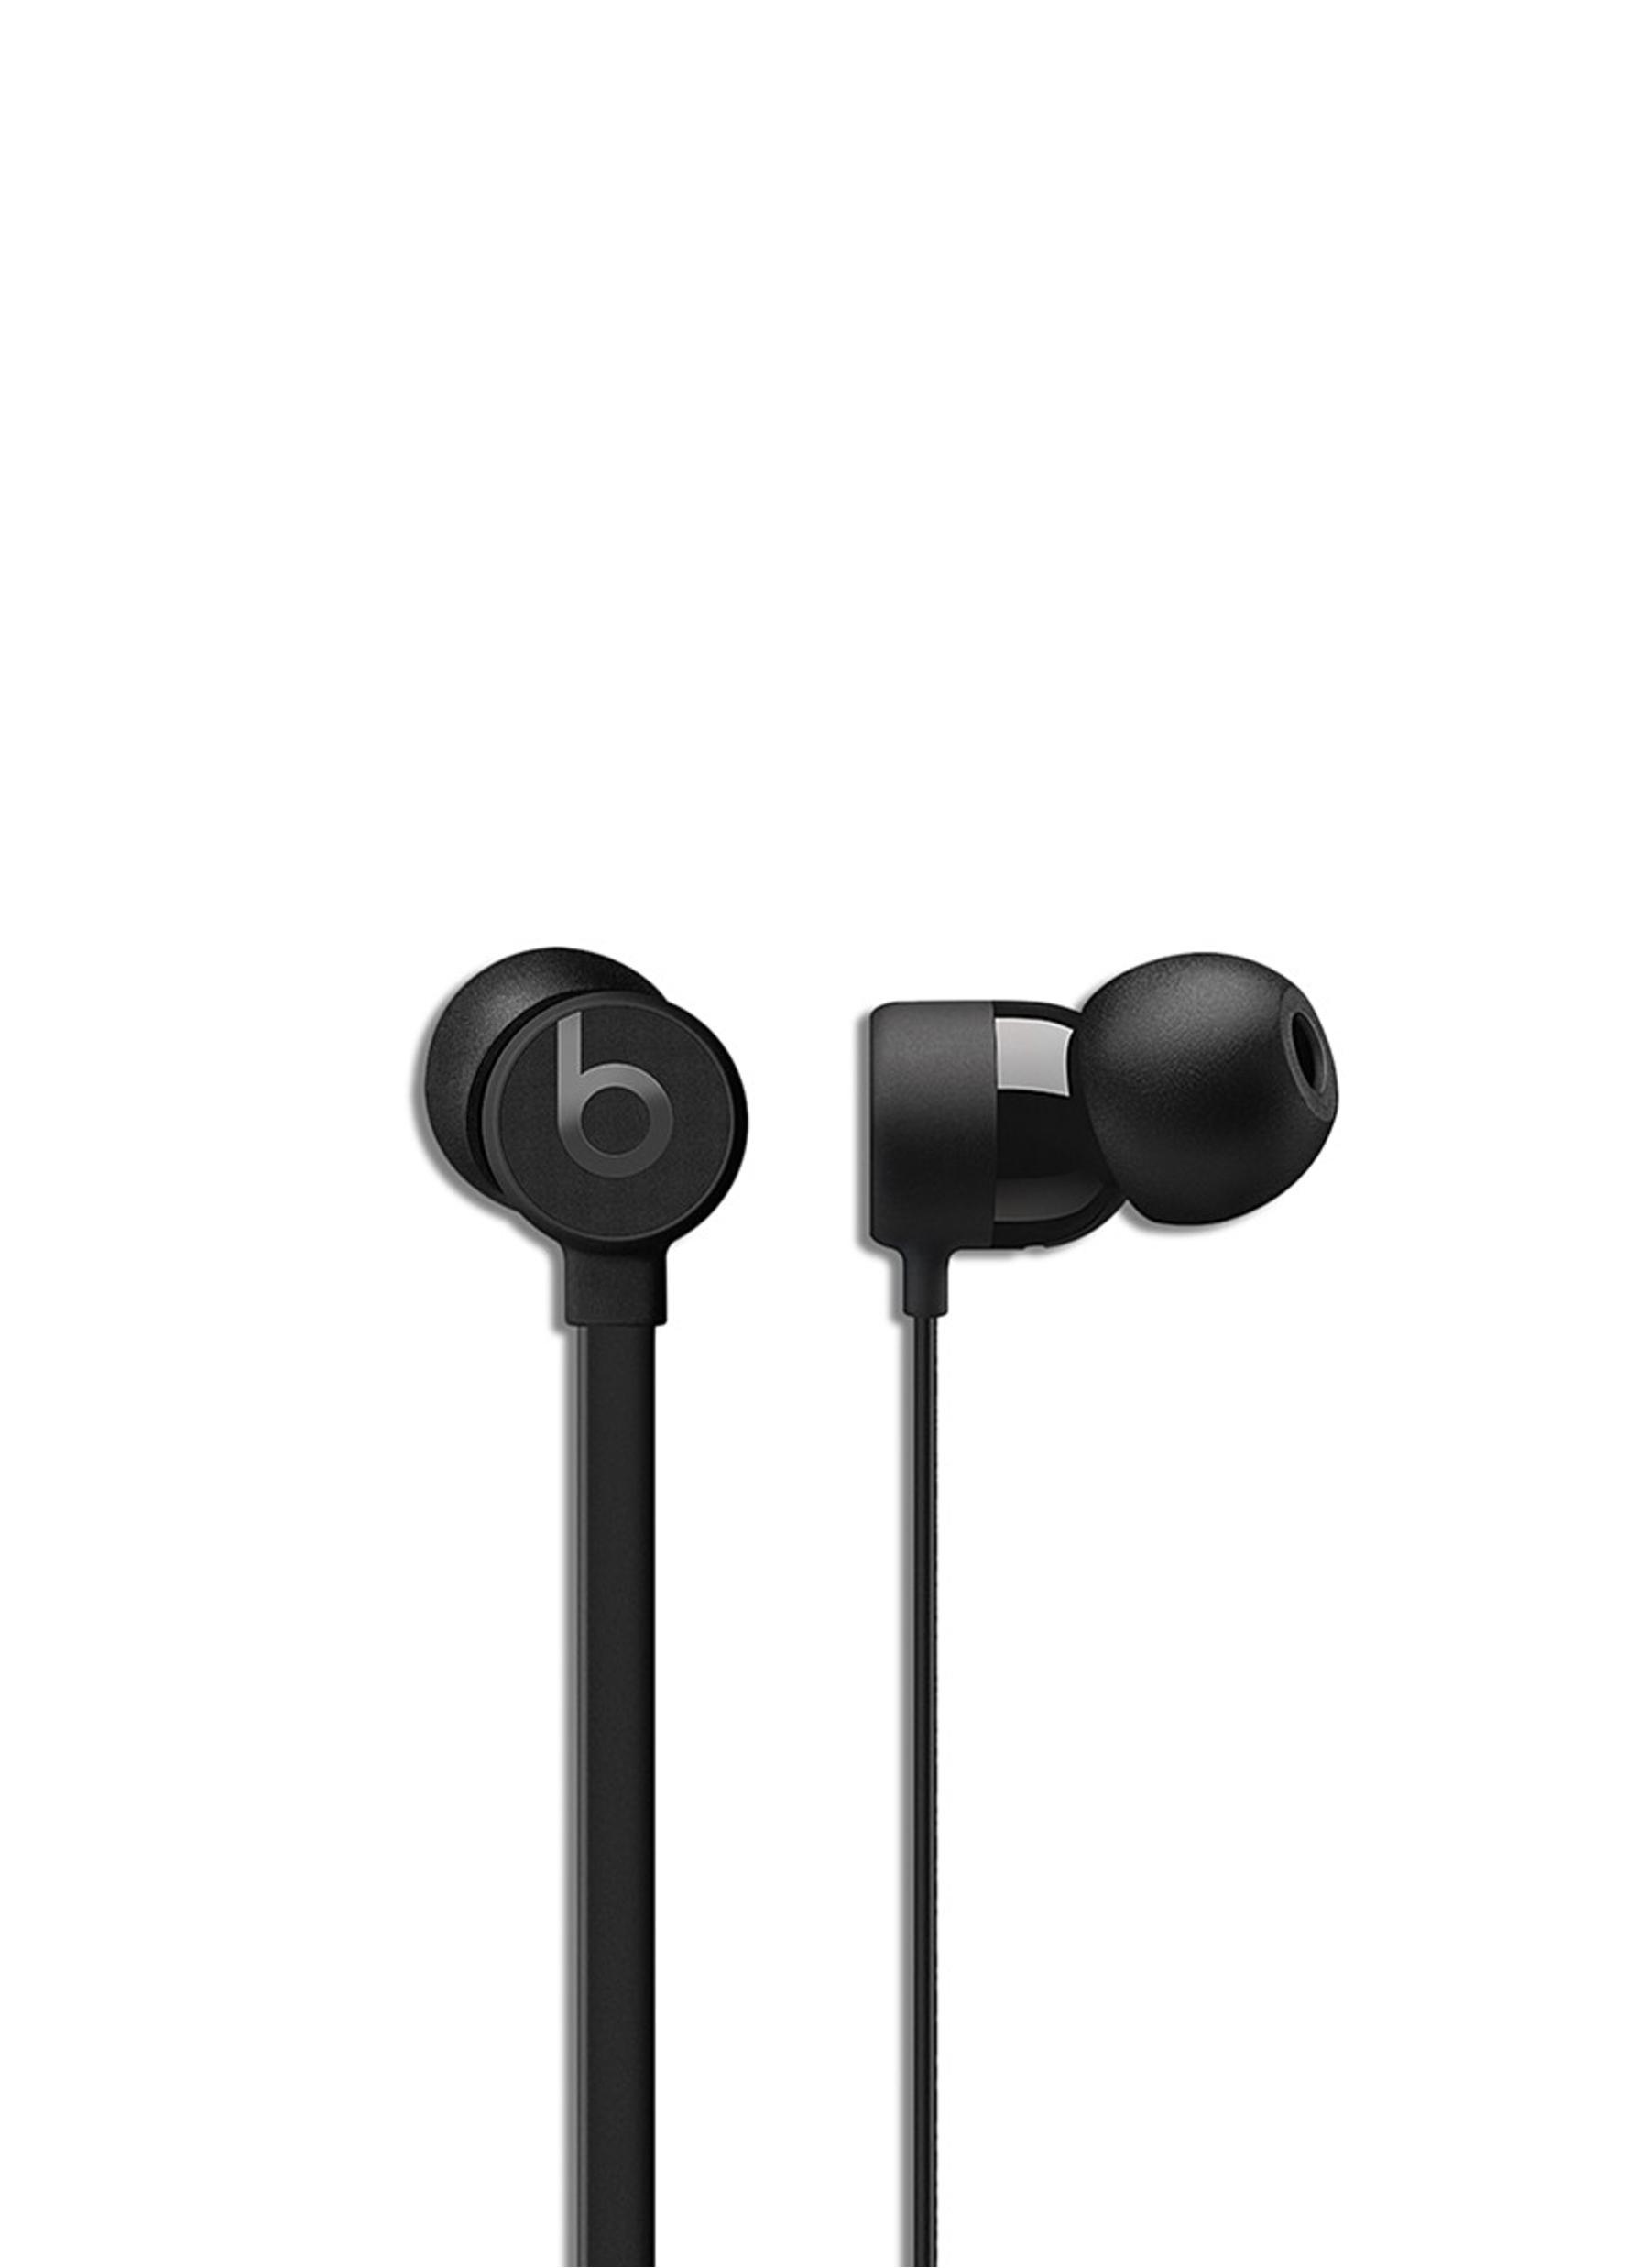 BeatsX wireless earphones by Beats